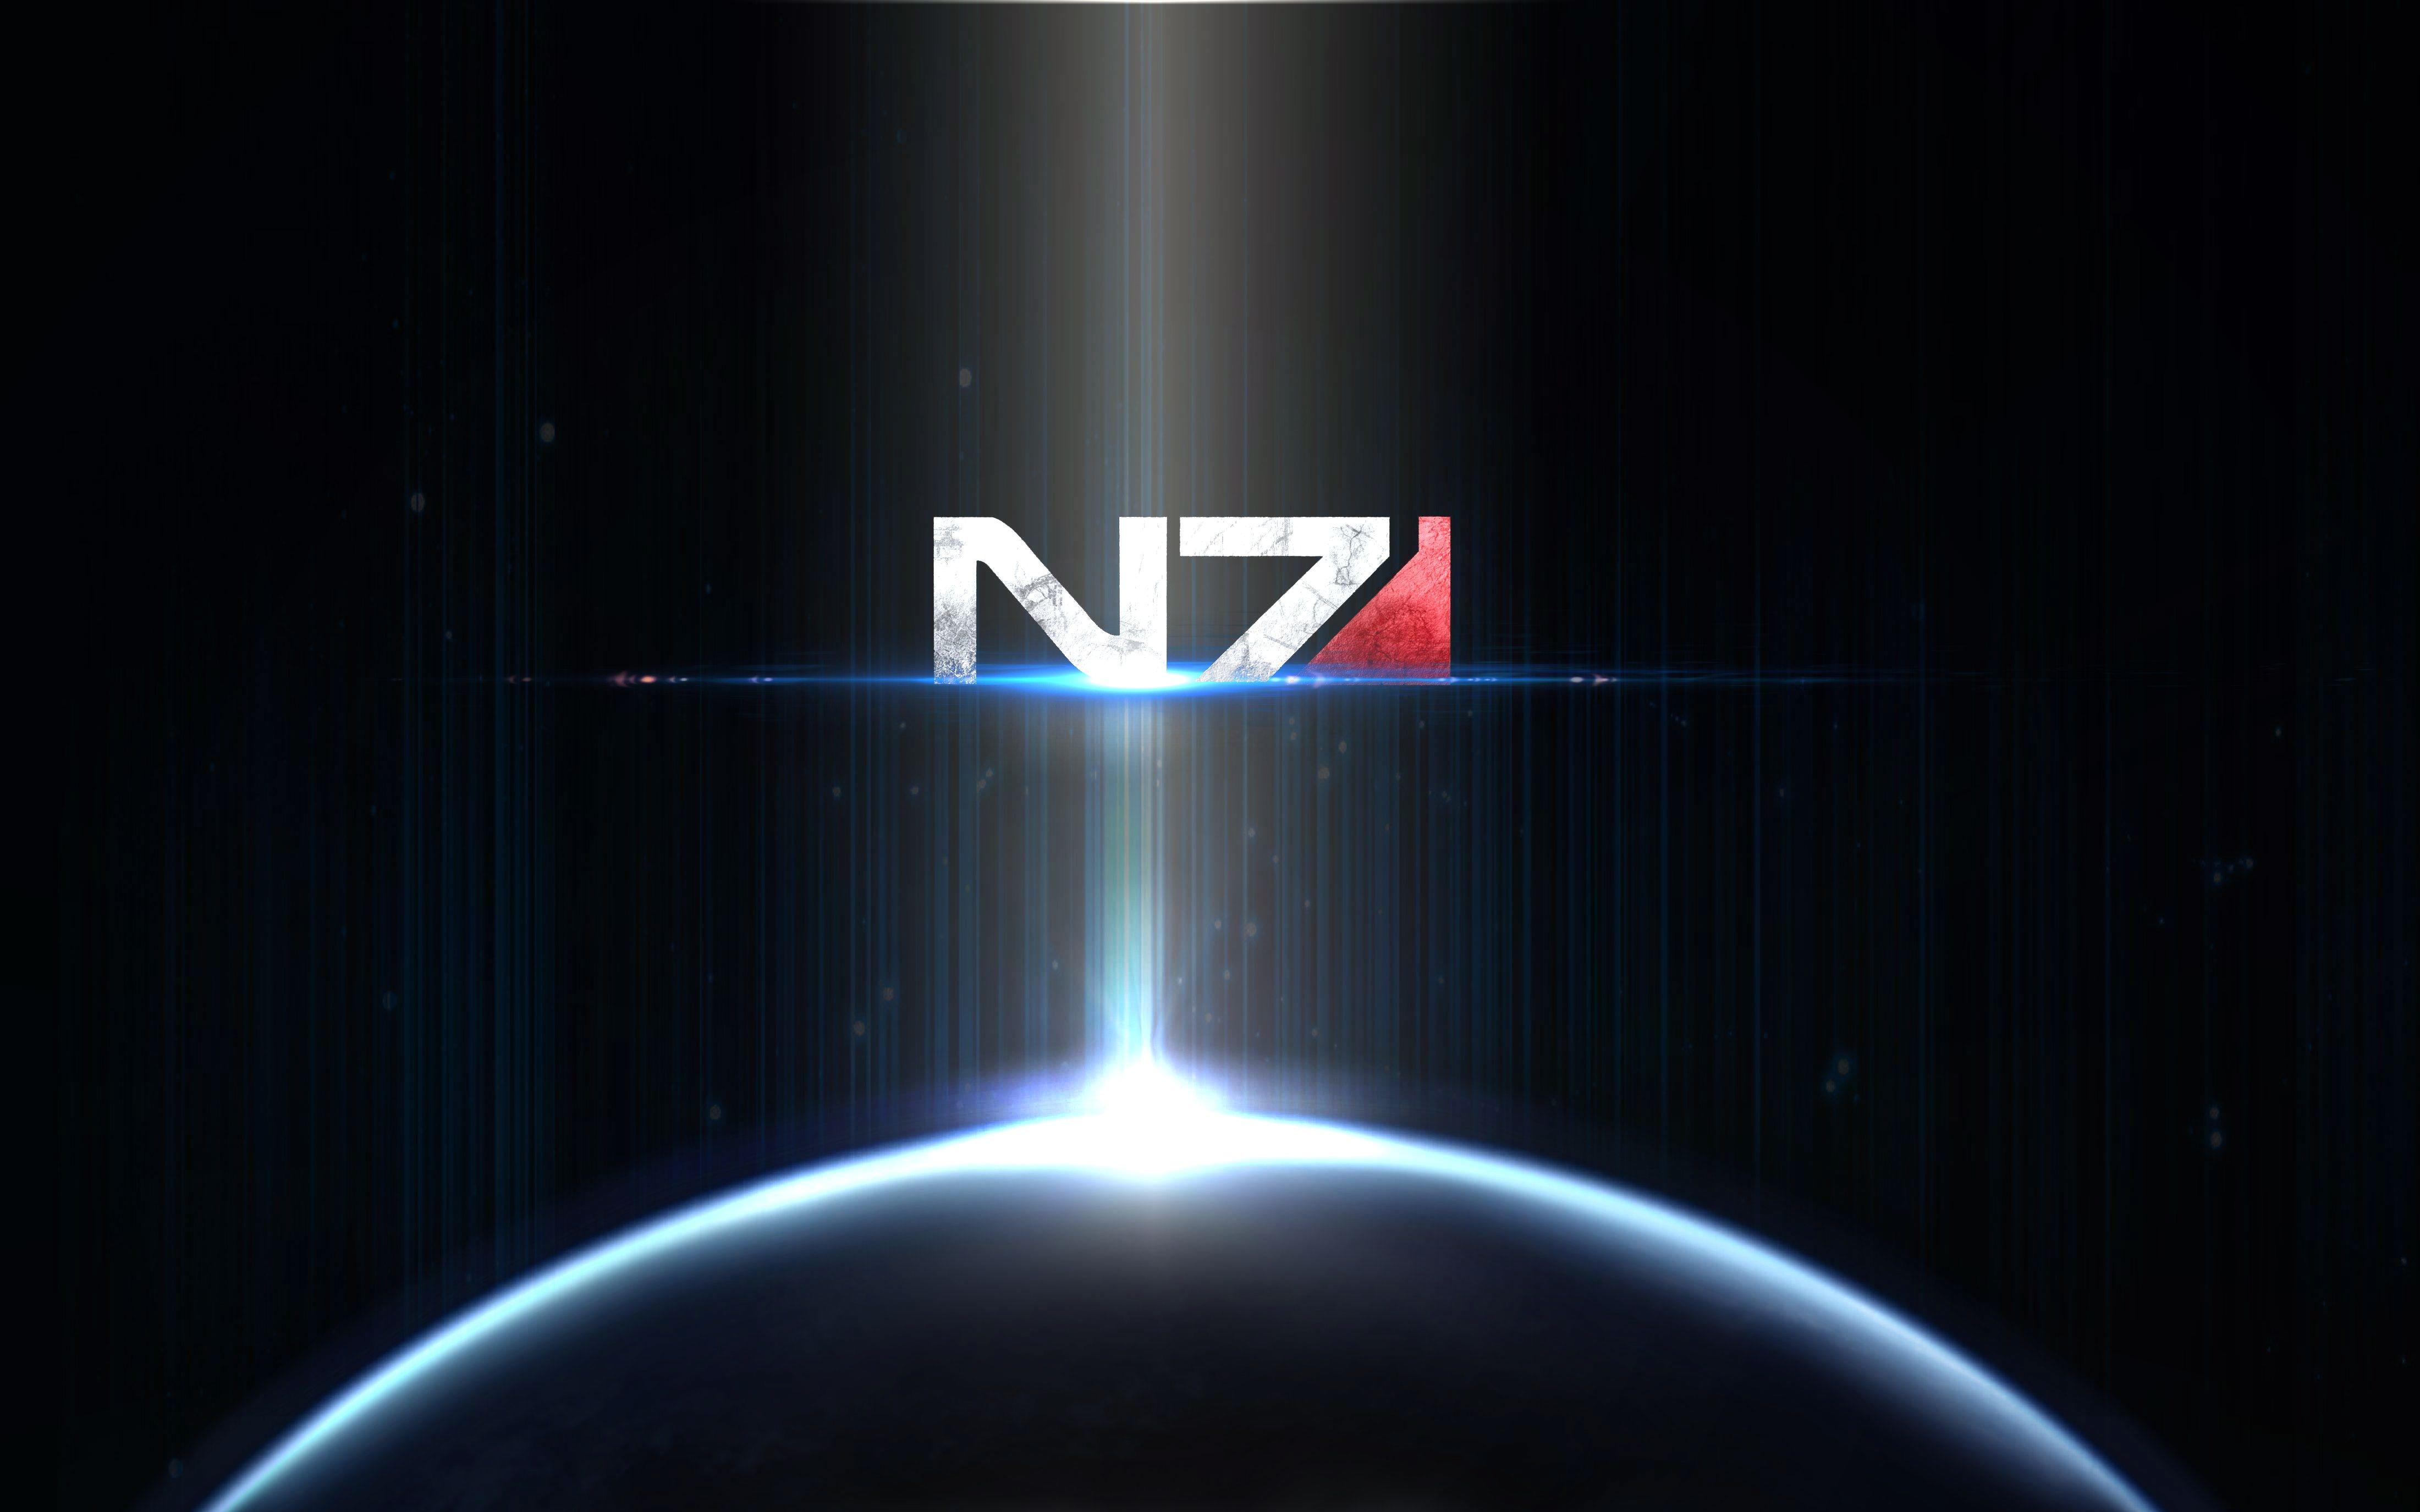 N7 Sign Wallpaper - Happy N7 Day